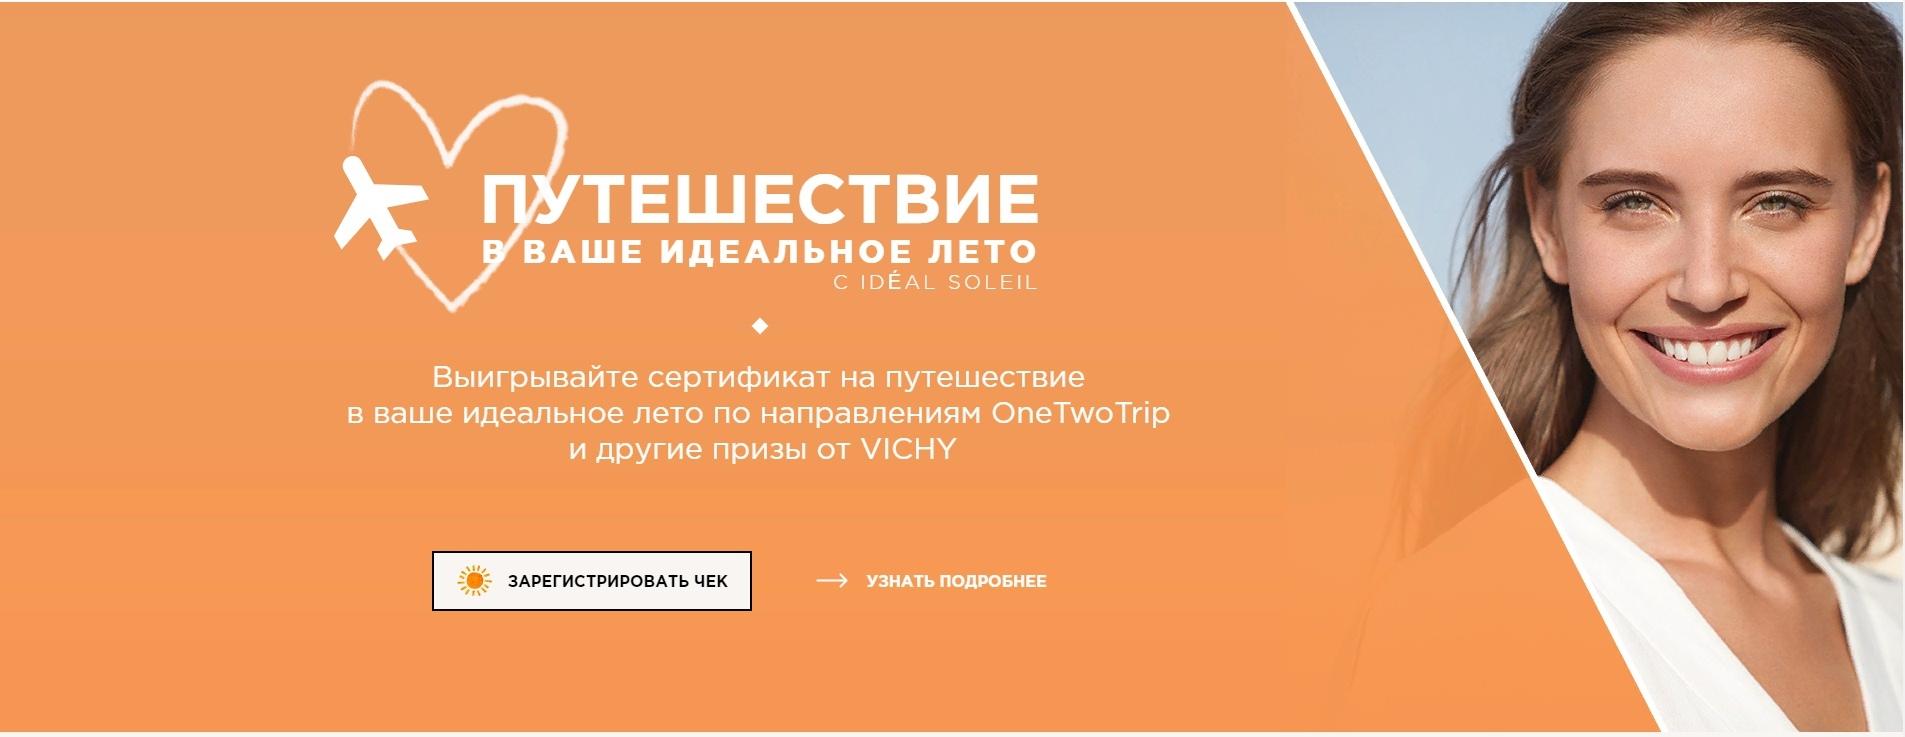 promo.vichyconsult.ru регистрация чека в 2019 году